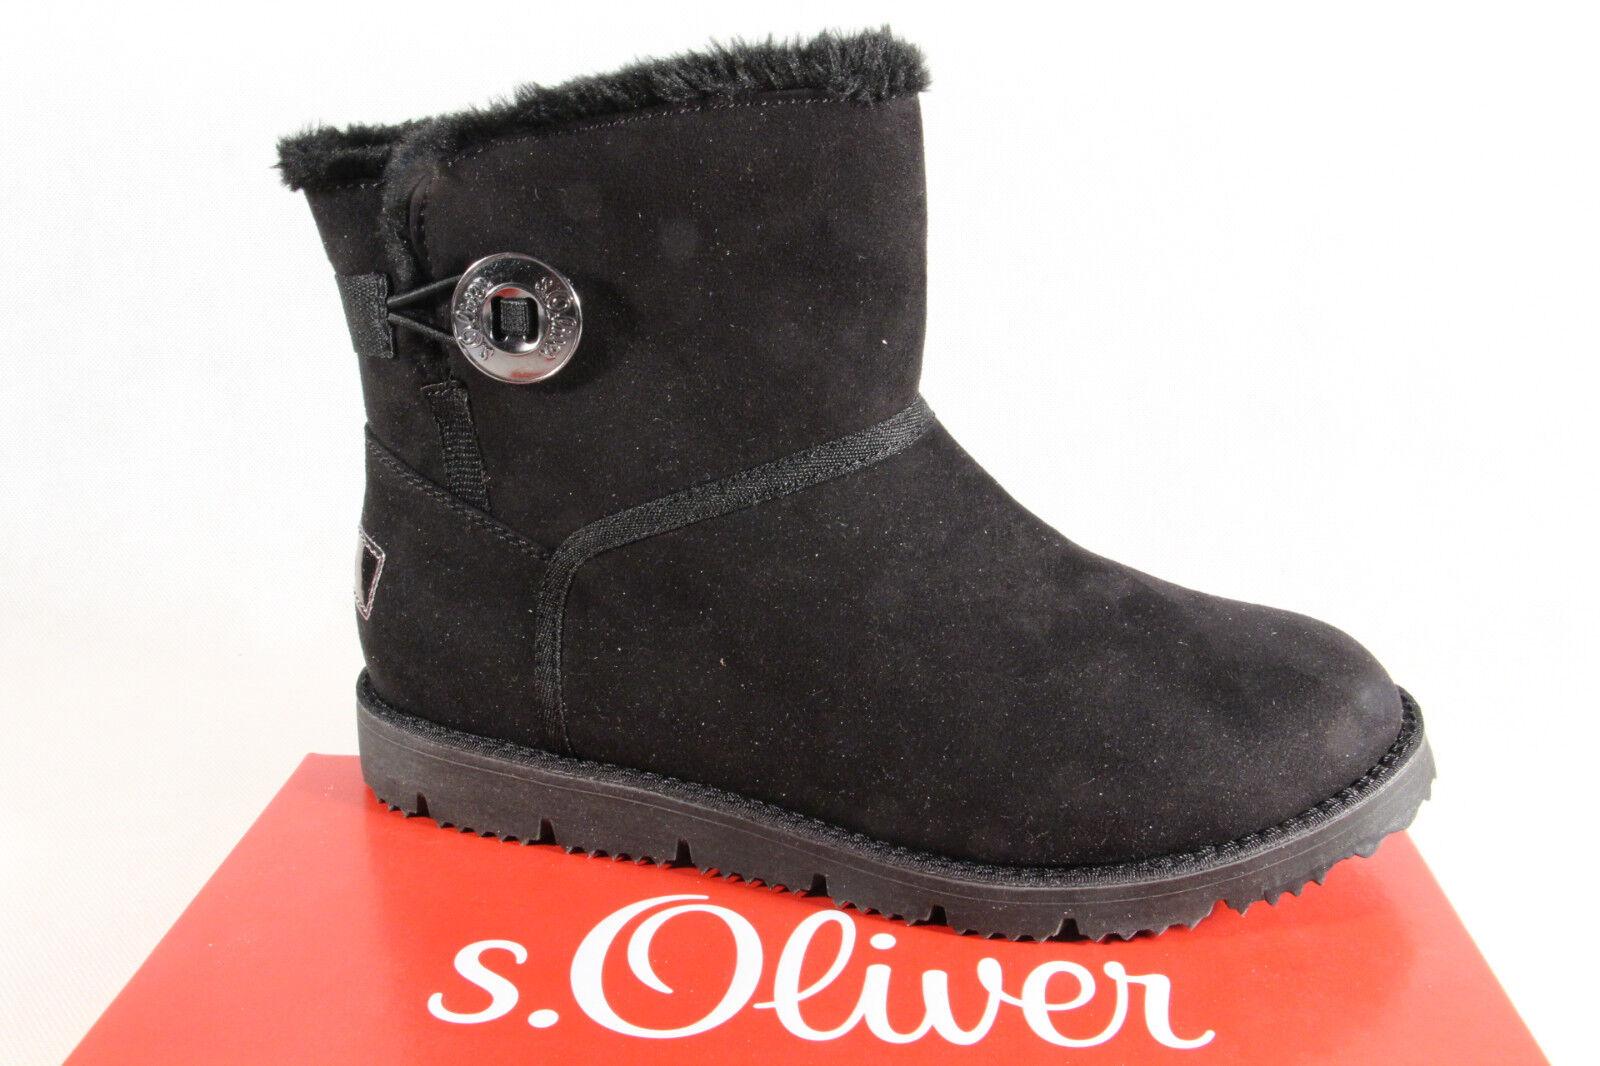 S. Oliver Stivali Stivali da Donna Stivaletti Stivali Invernali Stivali Oliver Nero 26412 NUOVO! f99ca2